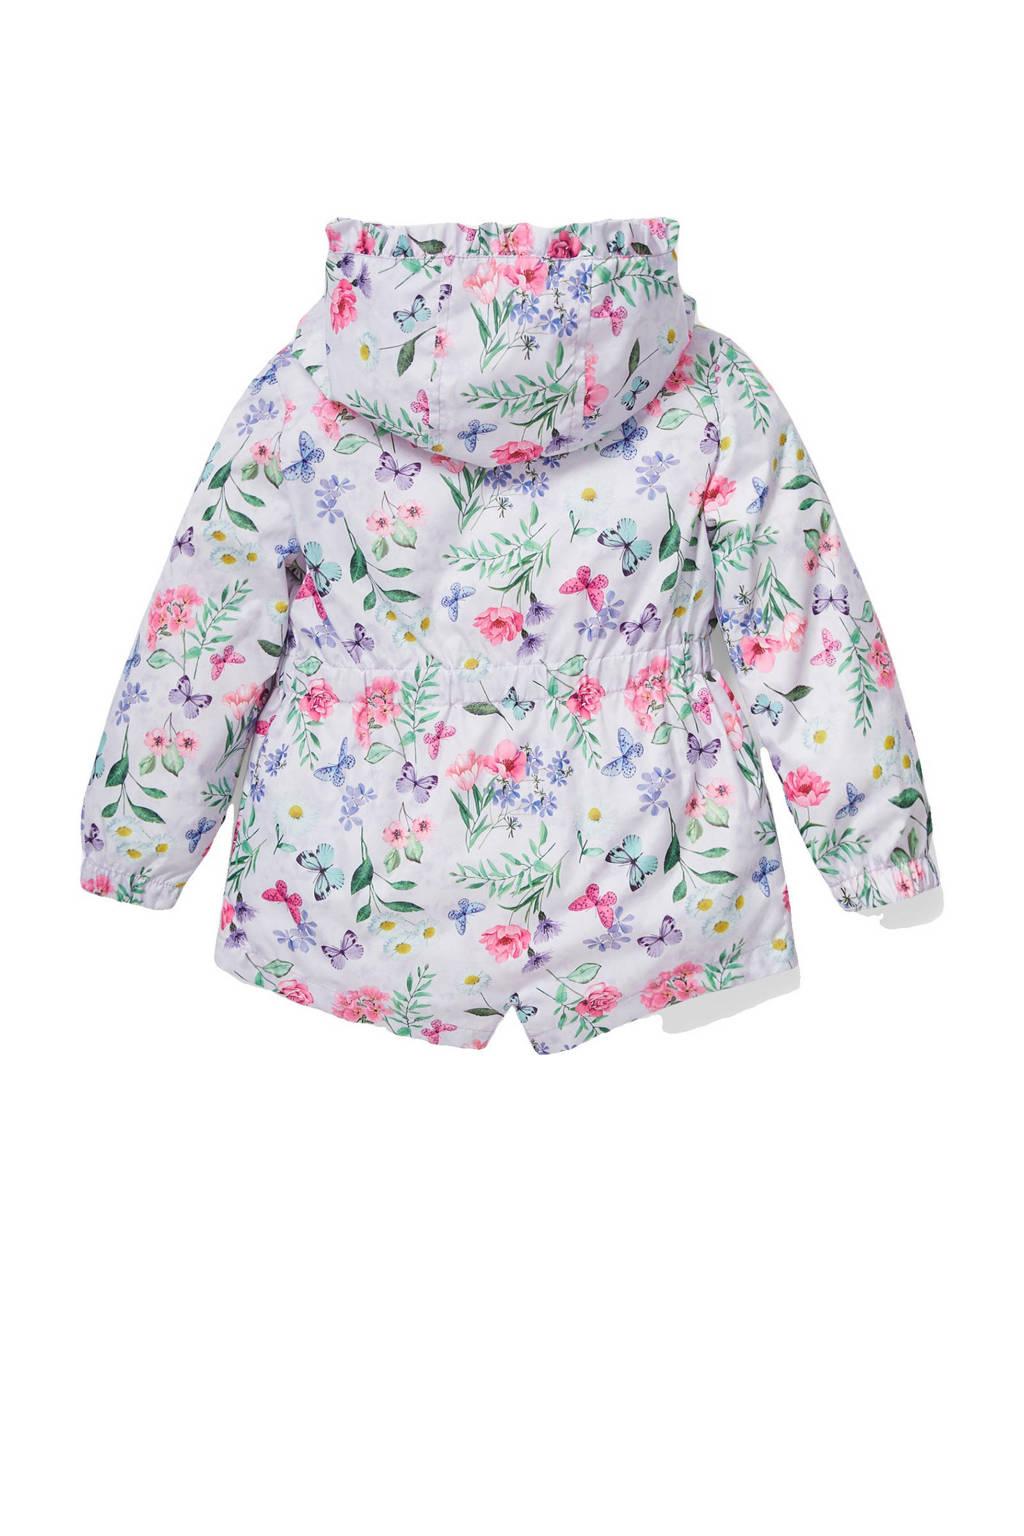 C&A Palomino gebloemde  zomerjas lila/wit/roze/groen, Lila/wit/roze/groen